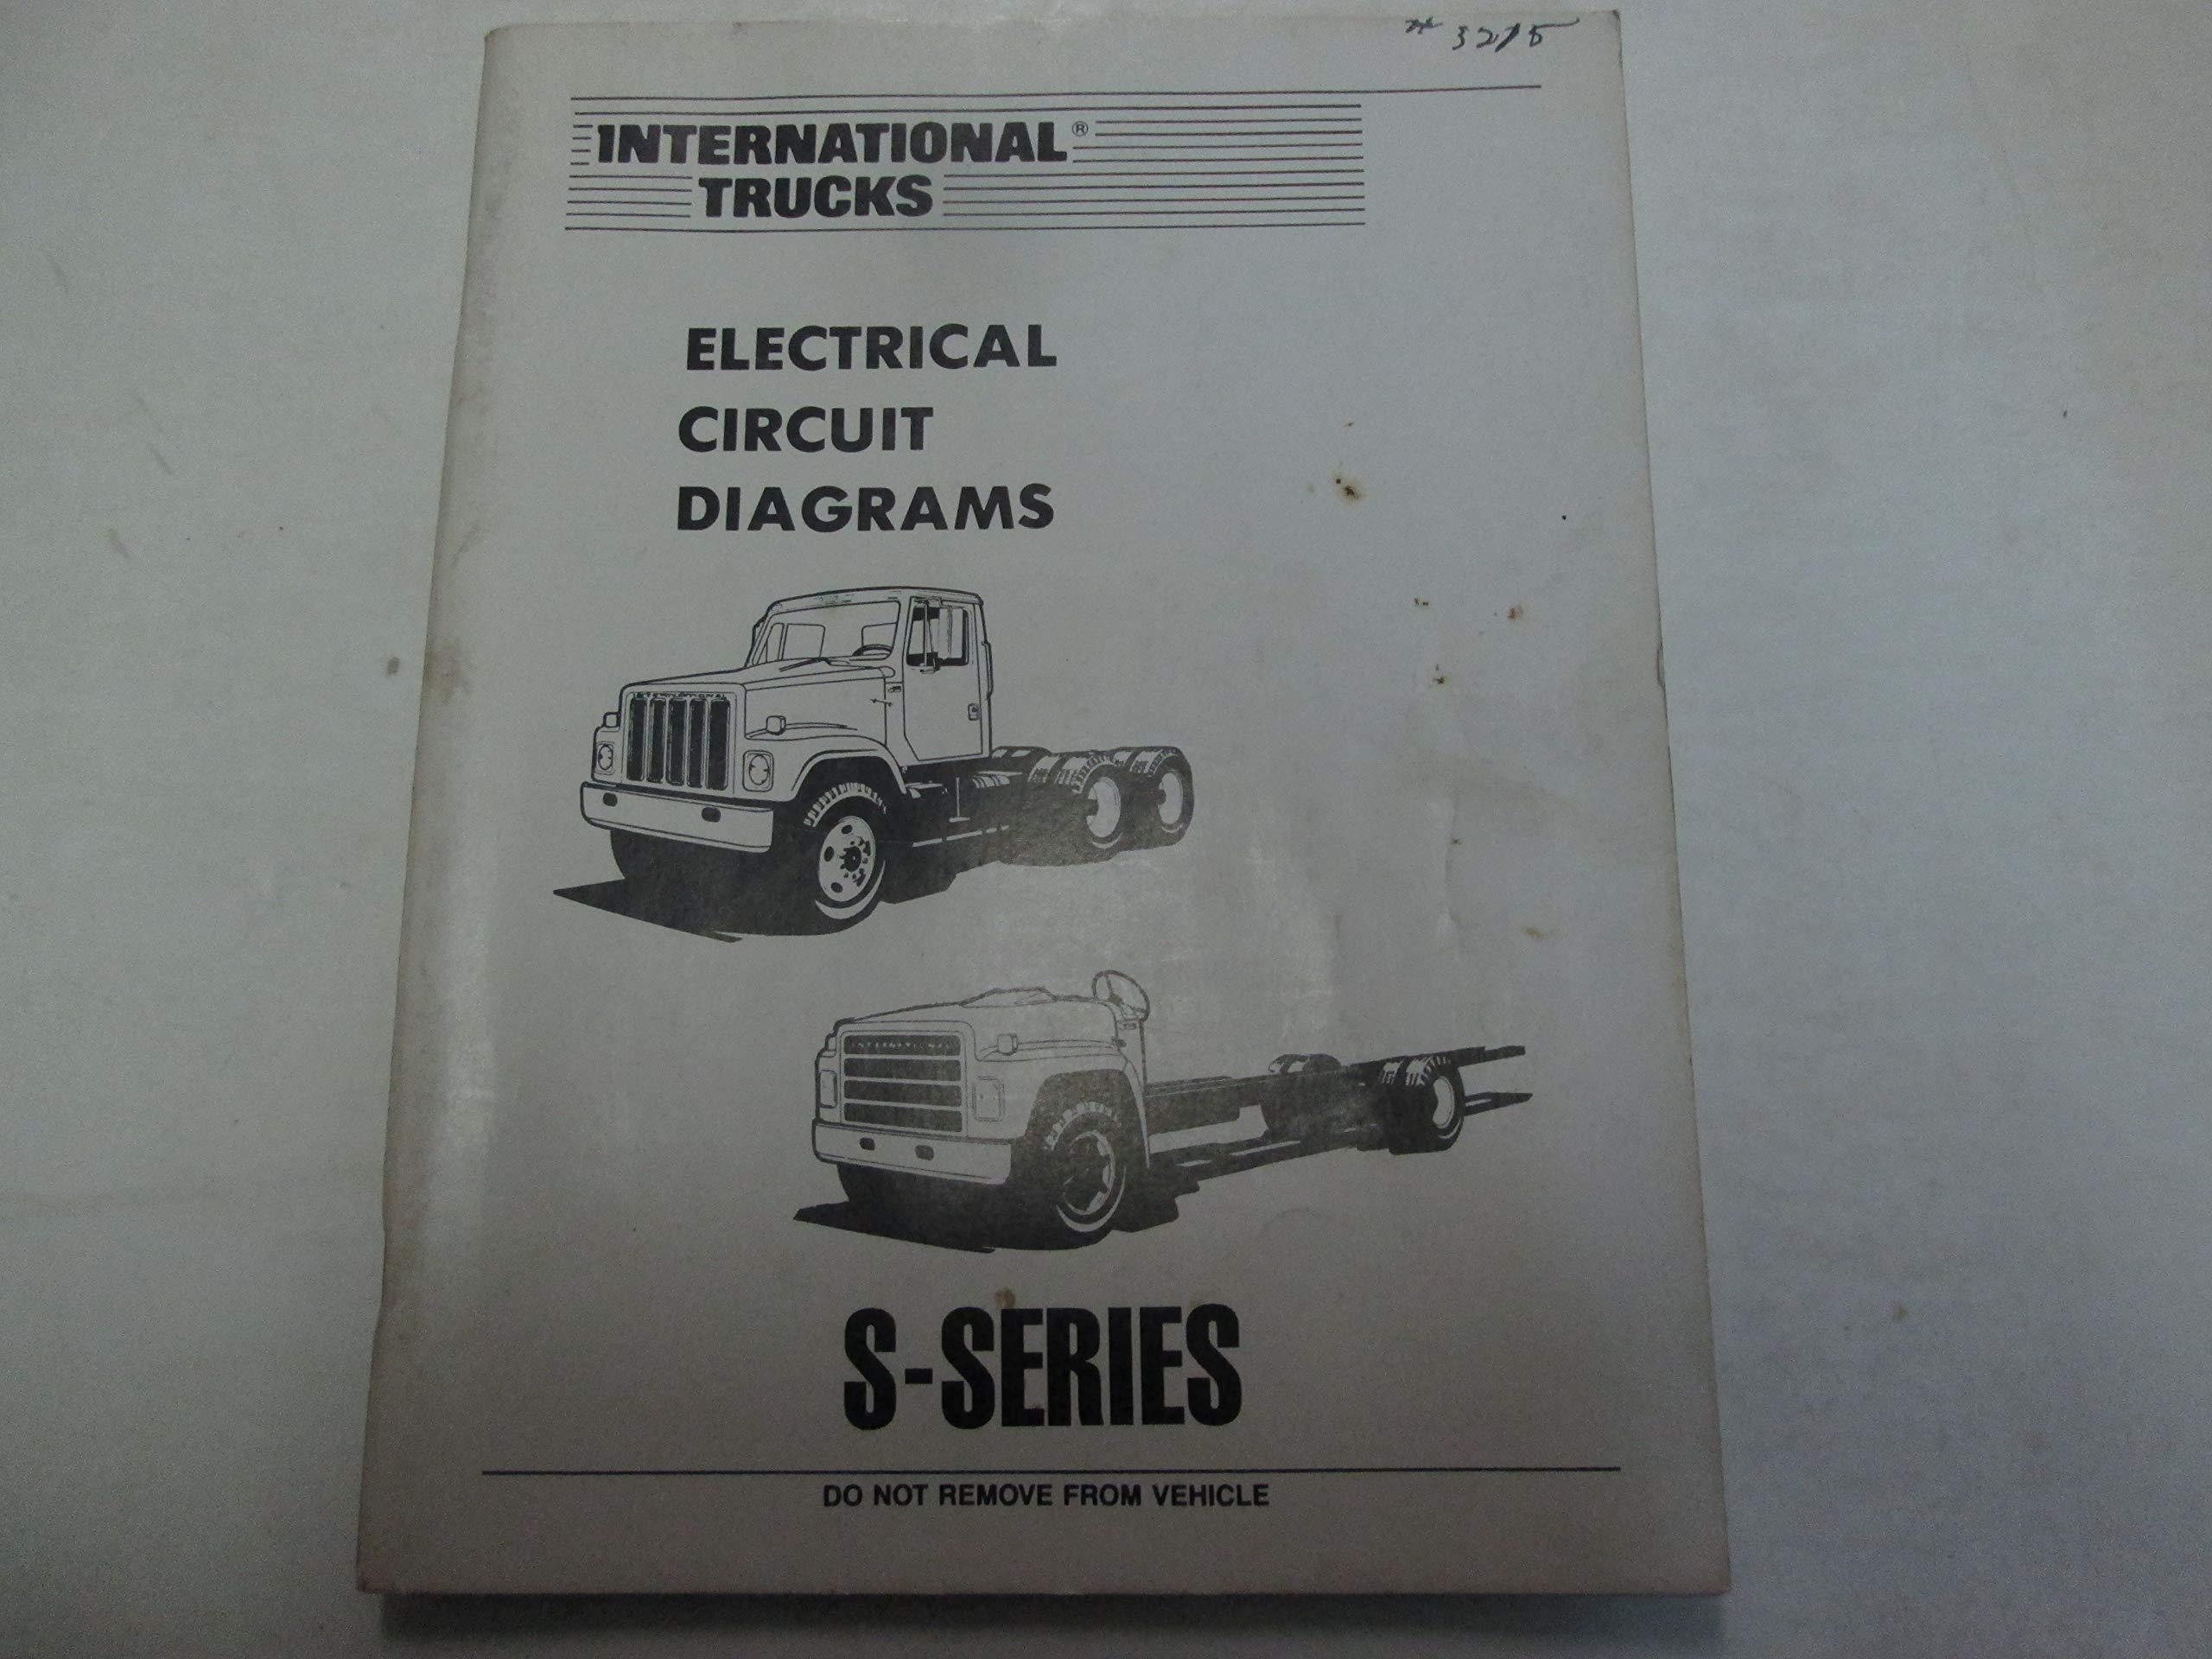 [DIAGRAM_38DE]  International Trucks S Series Electrical Circuit Wiring Diagrams Manual OEM  ***: IN INC: Amazon.com: Books | International Wiring Diagrams |  | Amazon.com